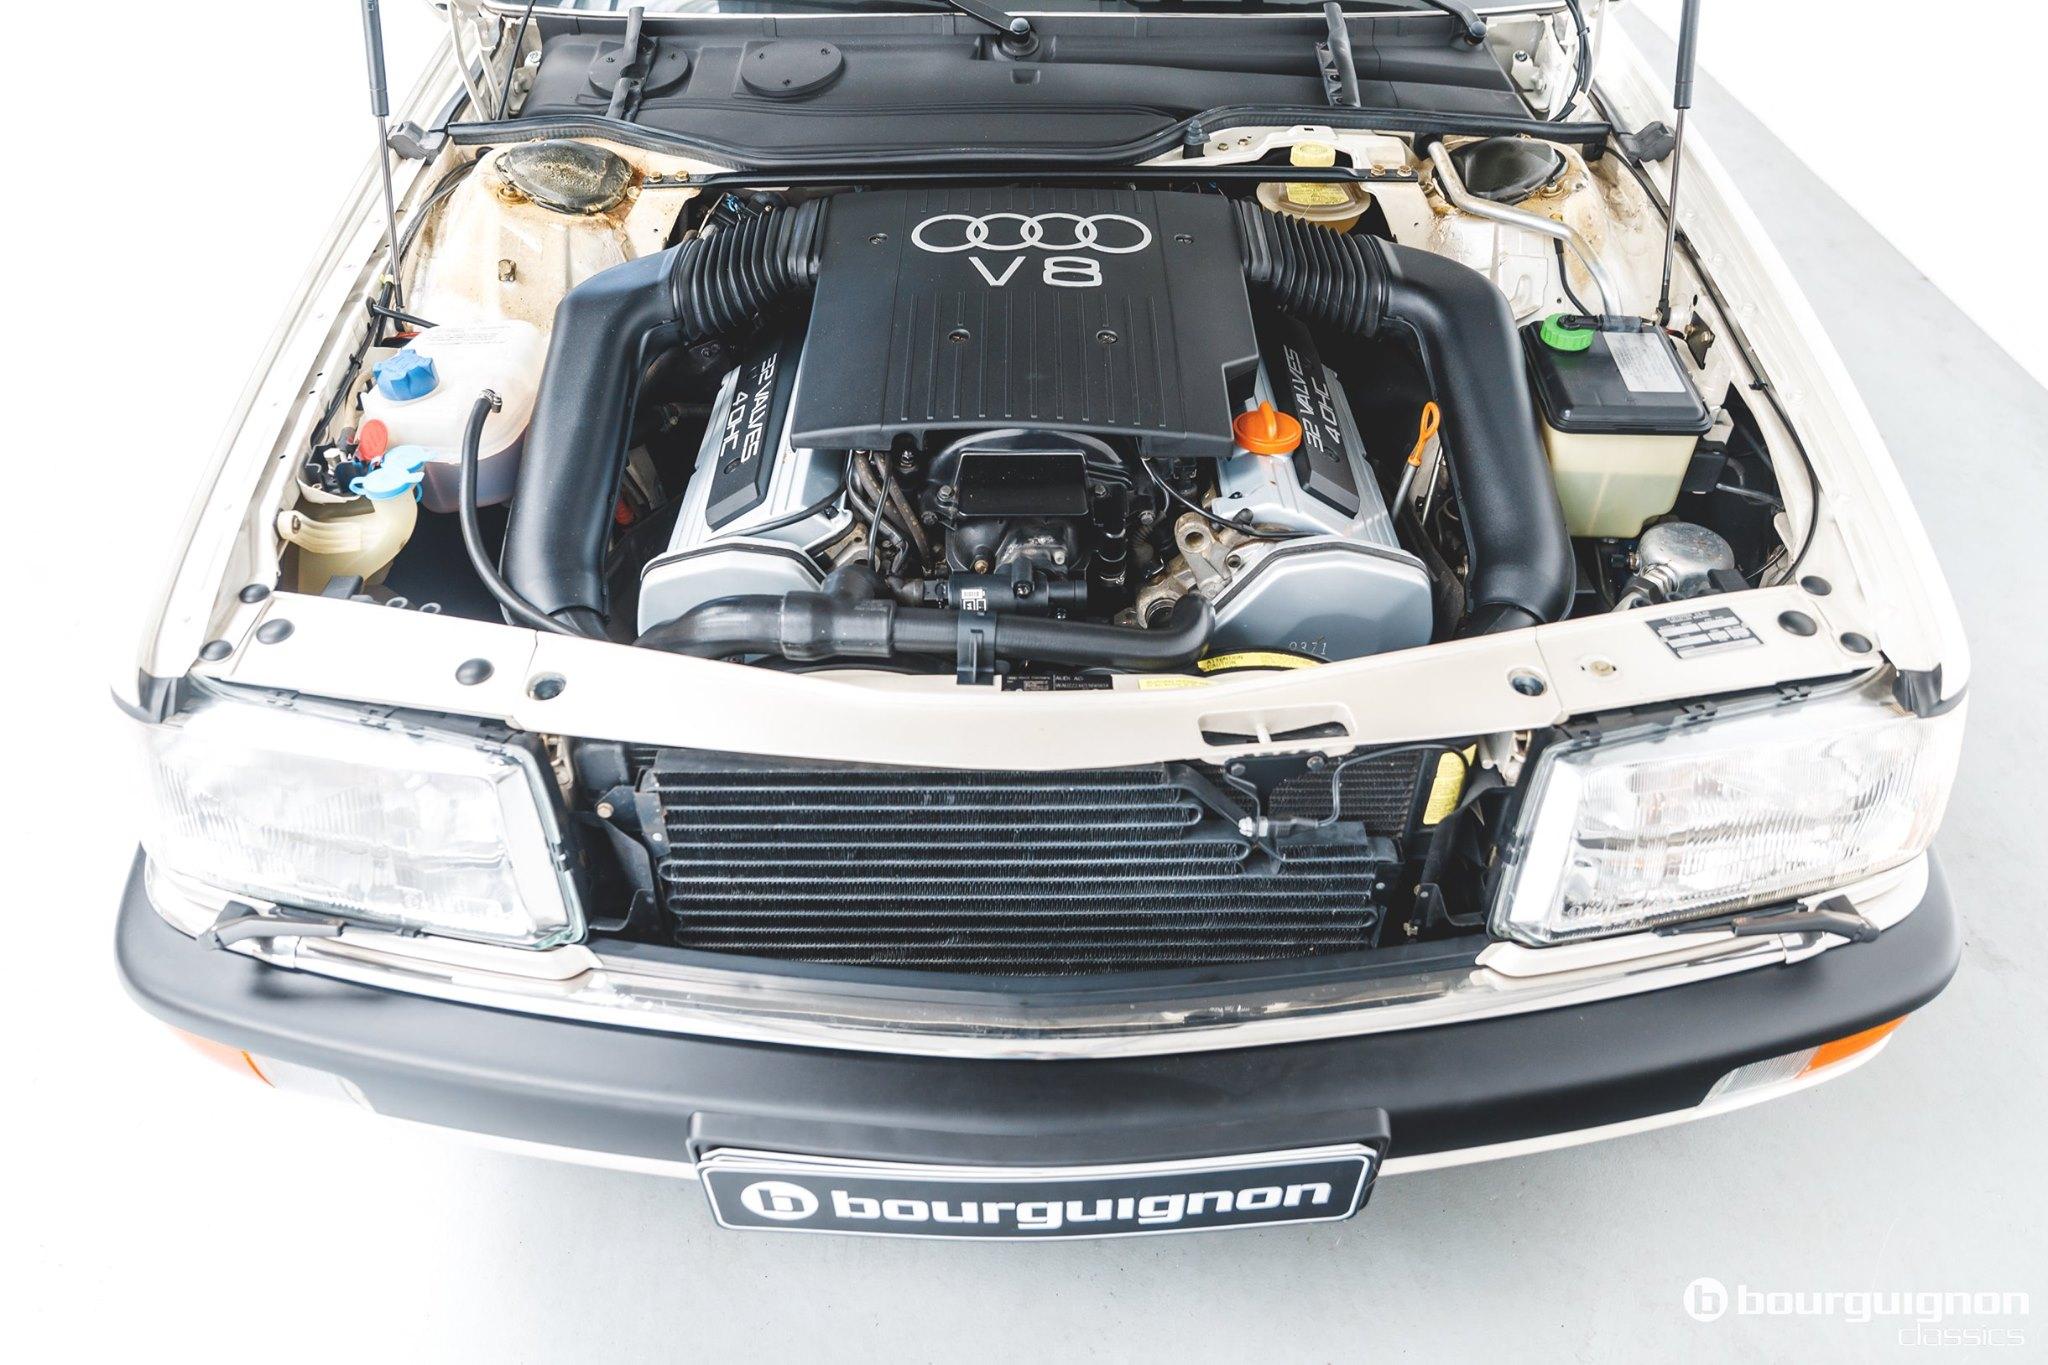 Audi-V8-1990-for-sale-22